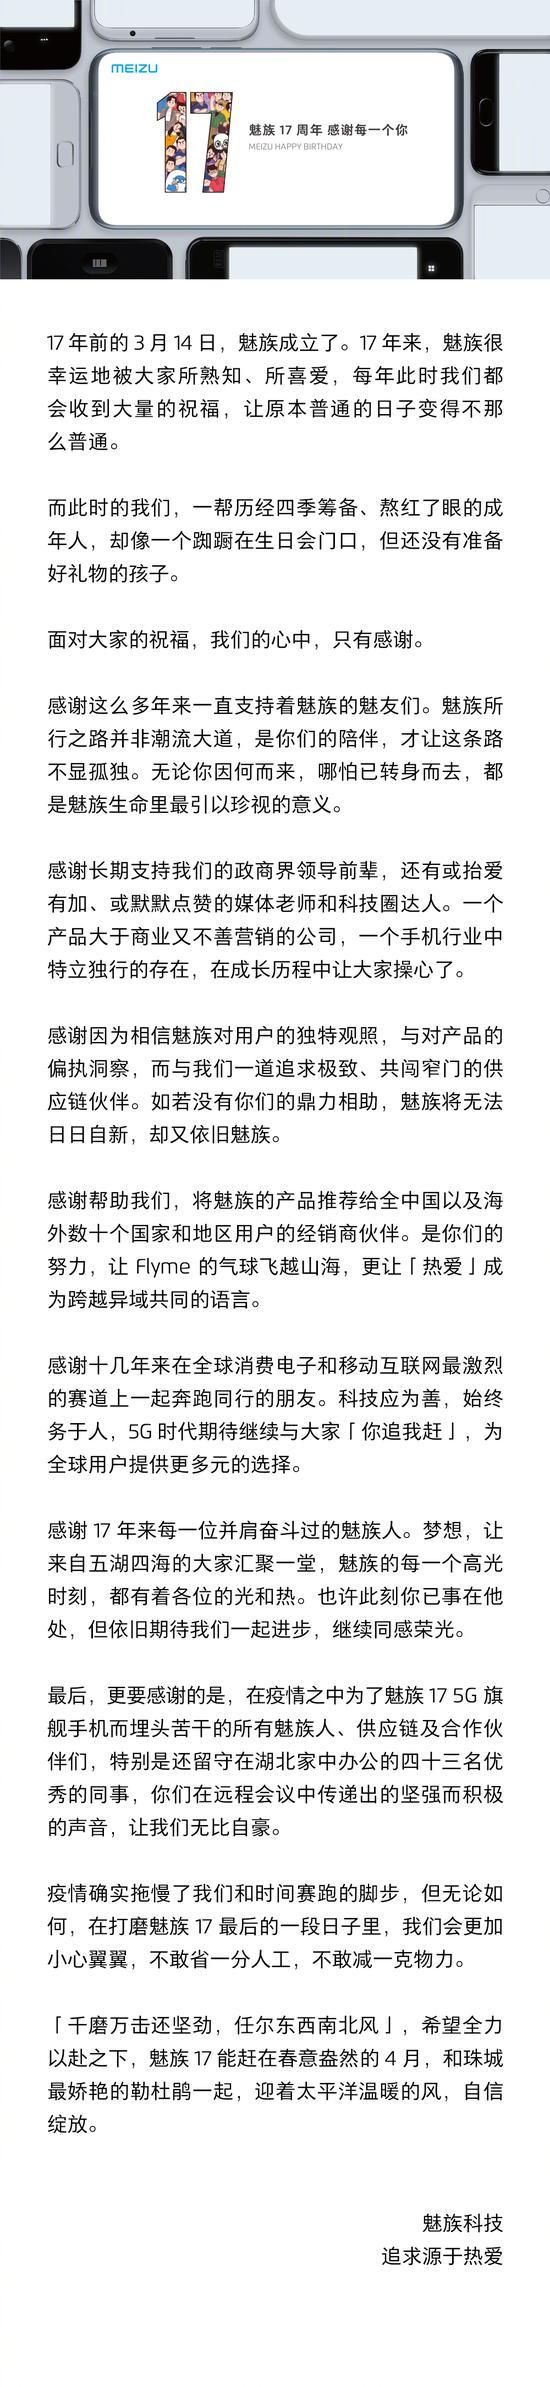 魅族迎来17周年庆 4月将发布新5G手机魅族17